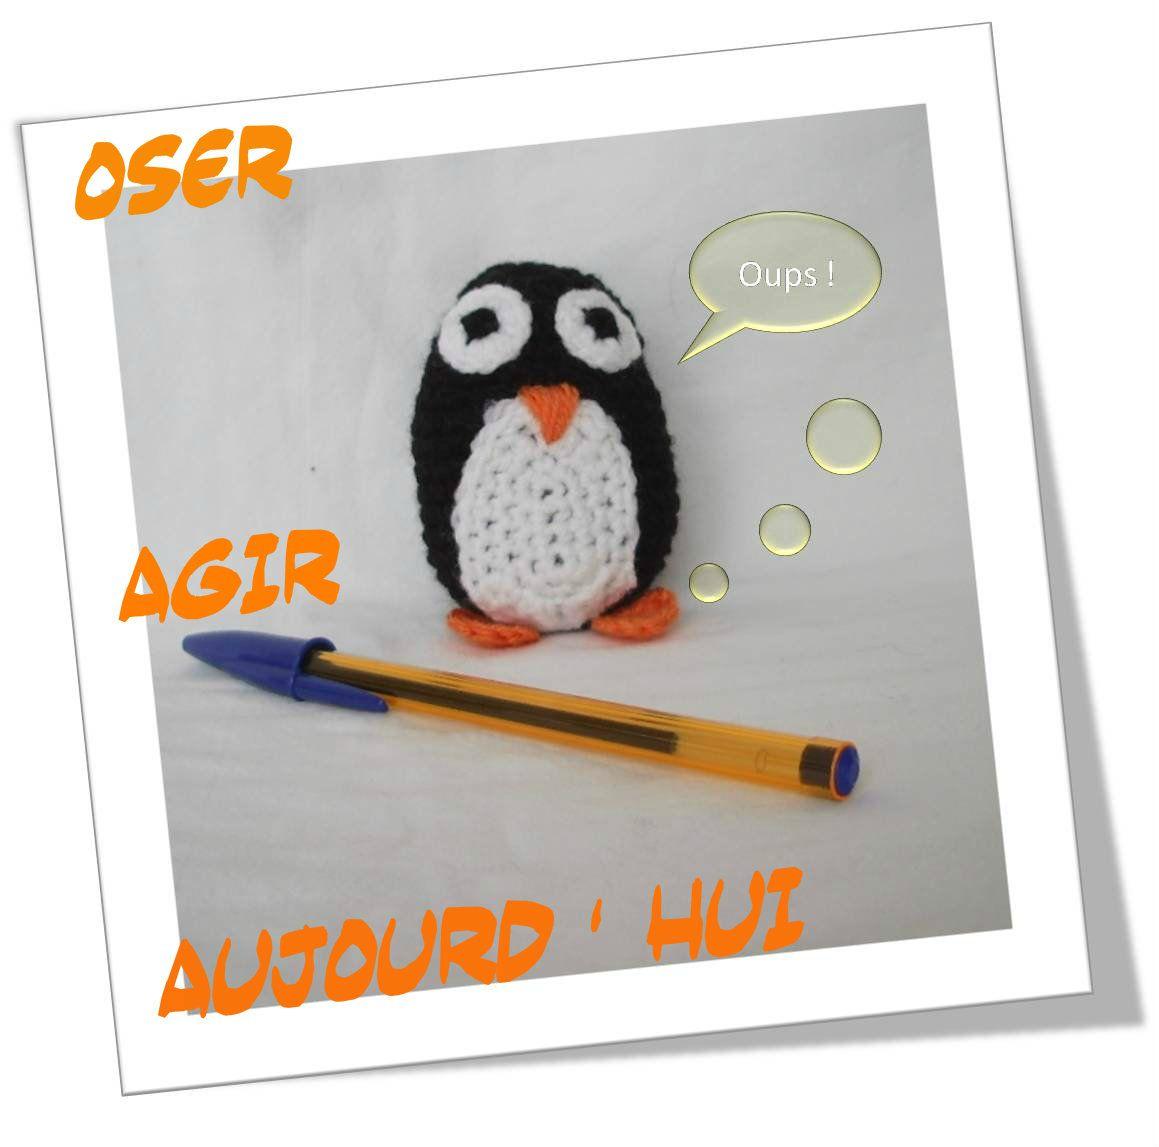 Pingouinnot ép03-03r